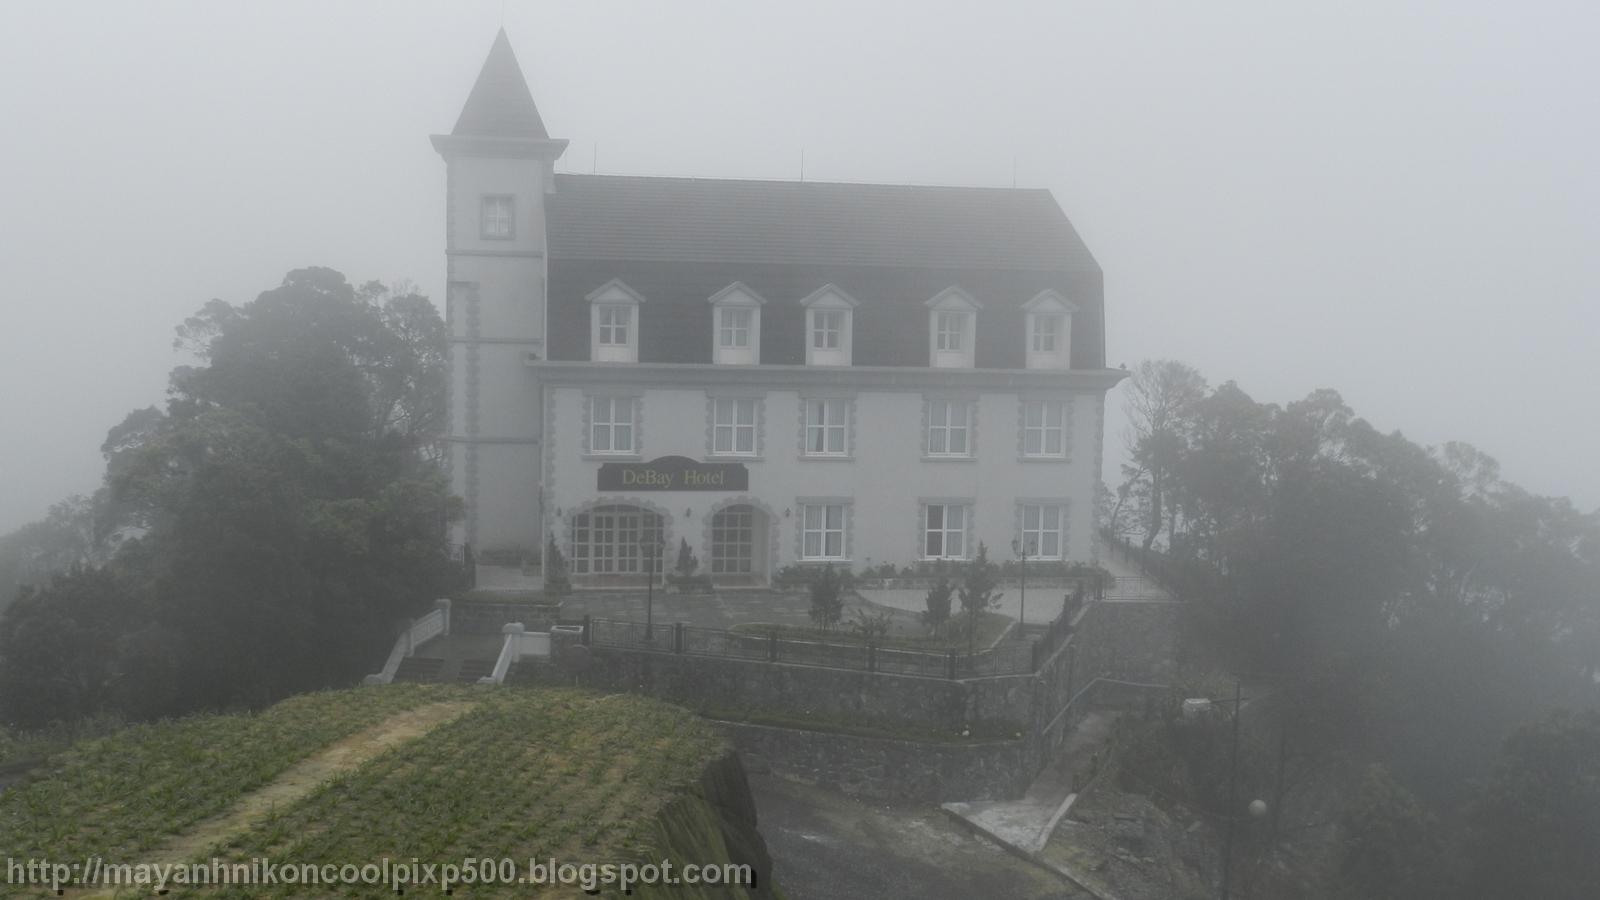 De-Bay-Hotel